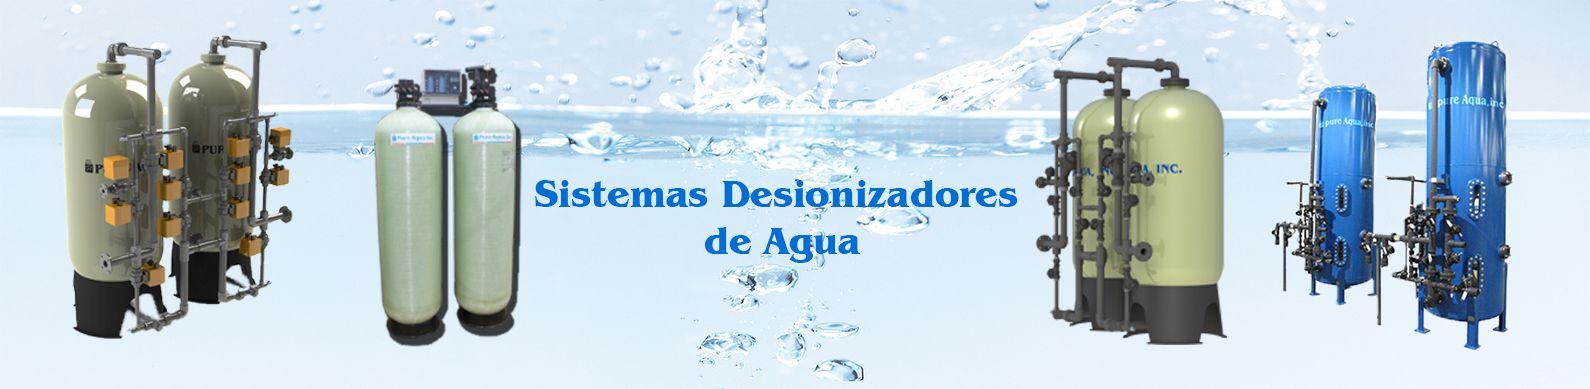 sistemas-desionizadores-de-agua.jpg